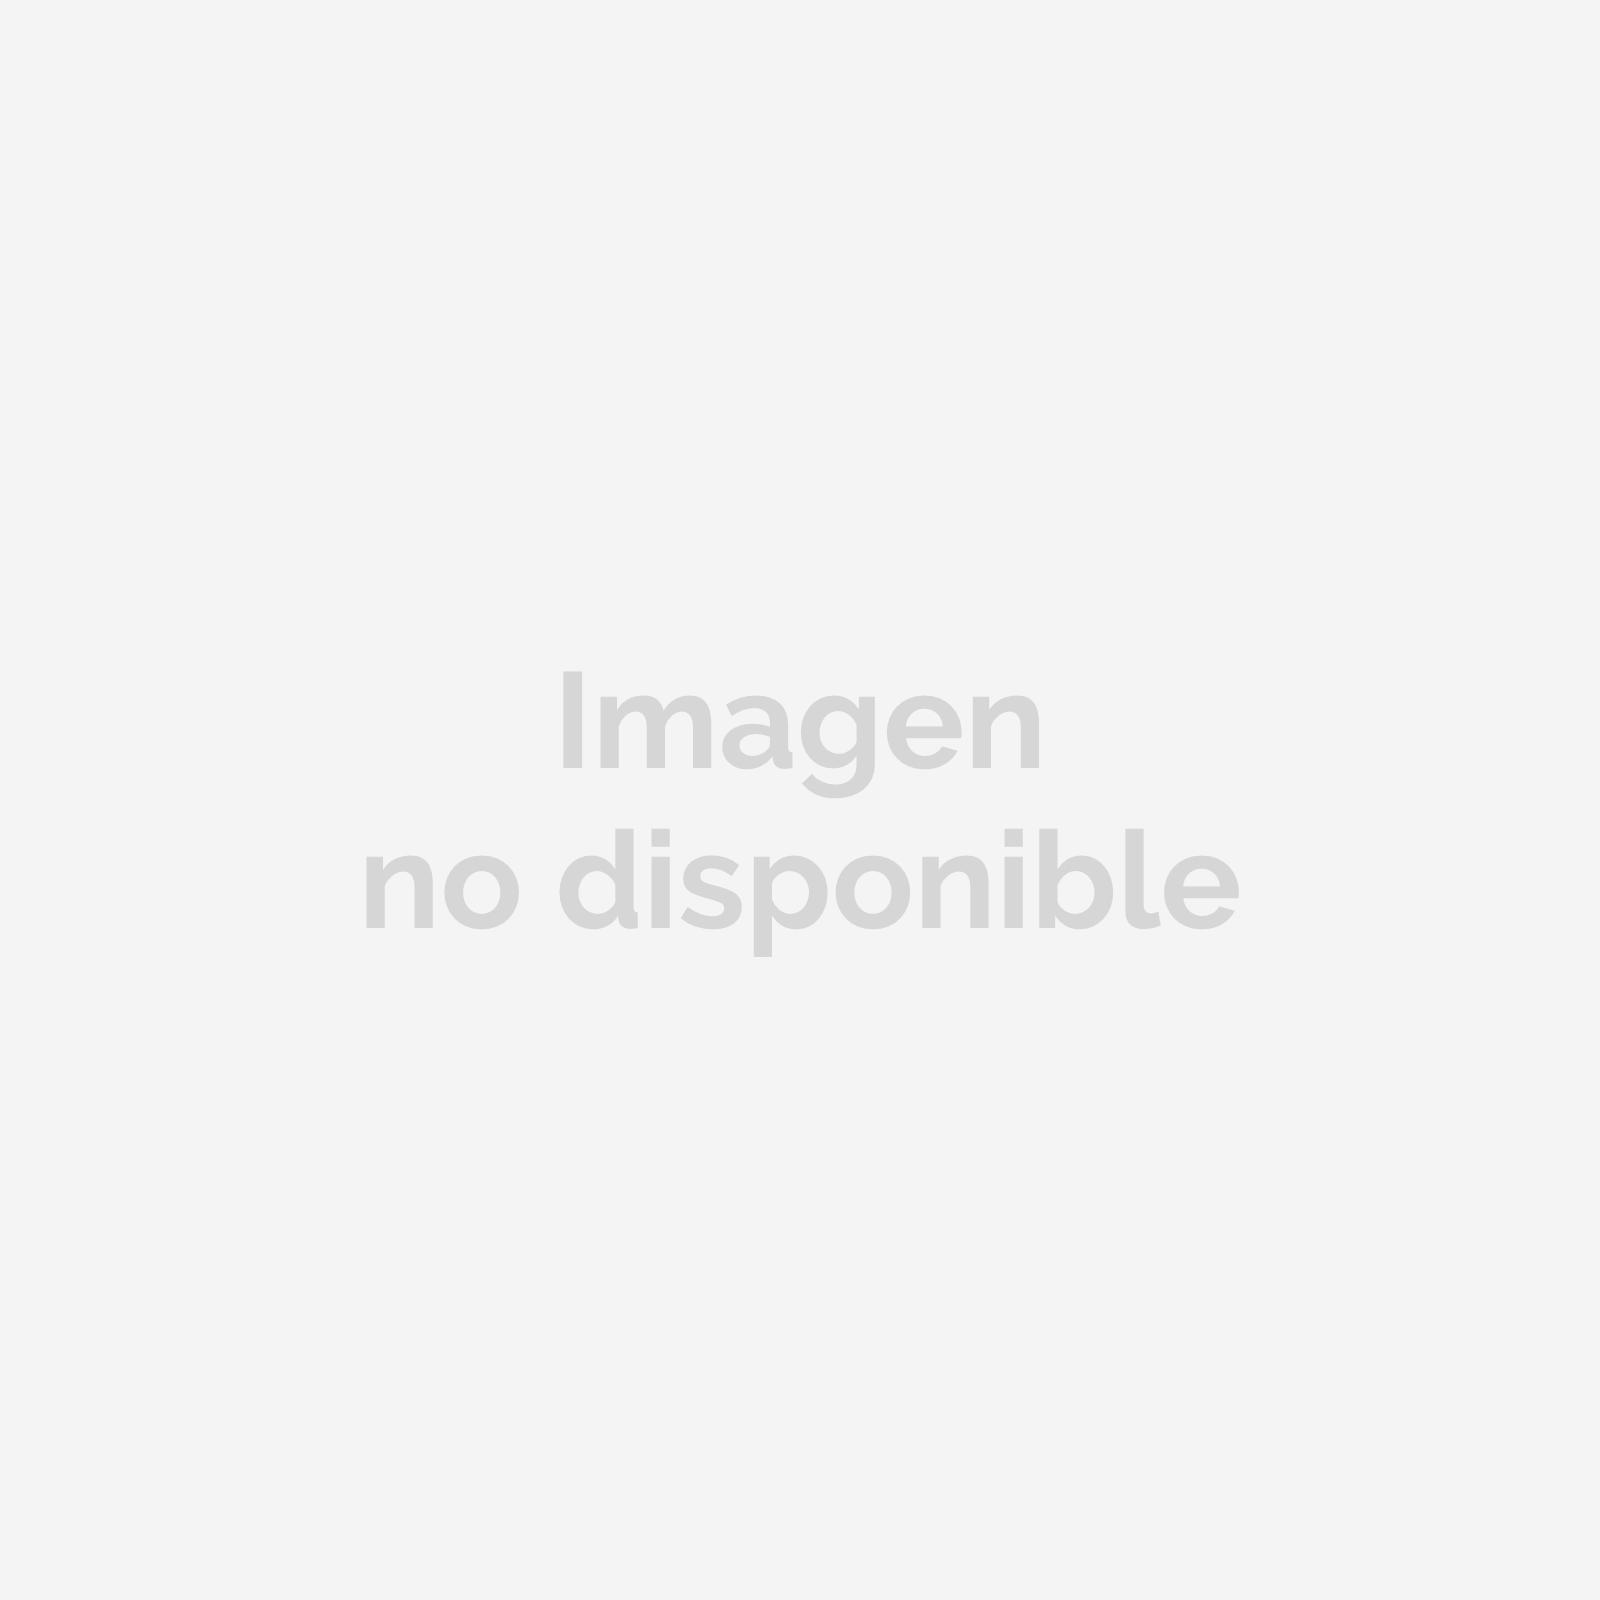 Haus Falda Para Cama Signature Full Blanca